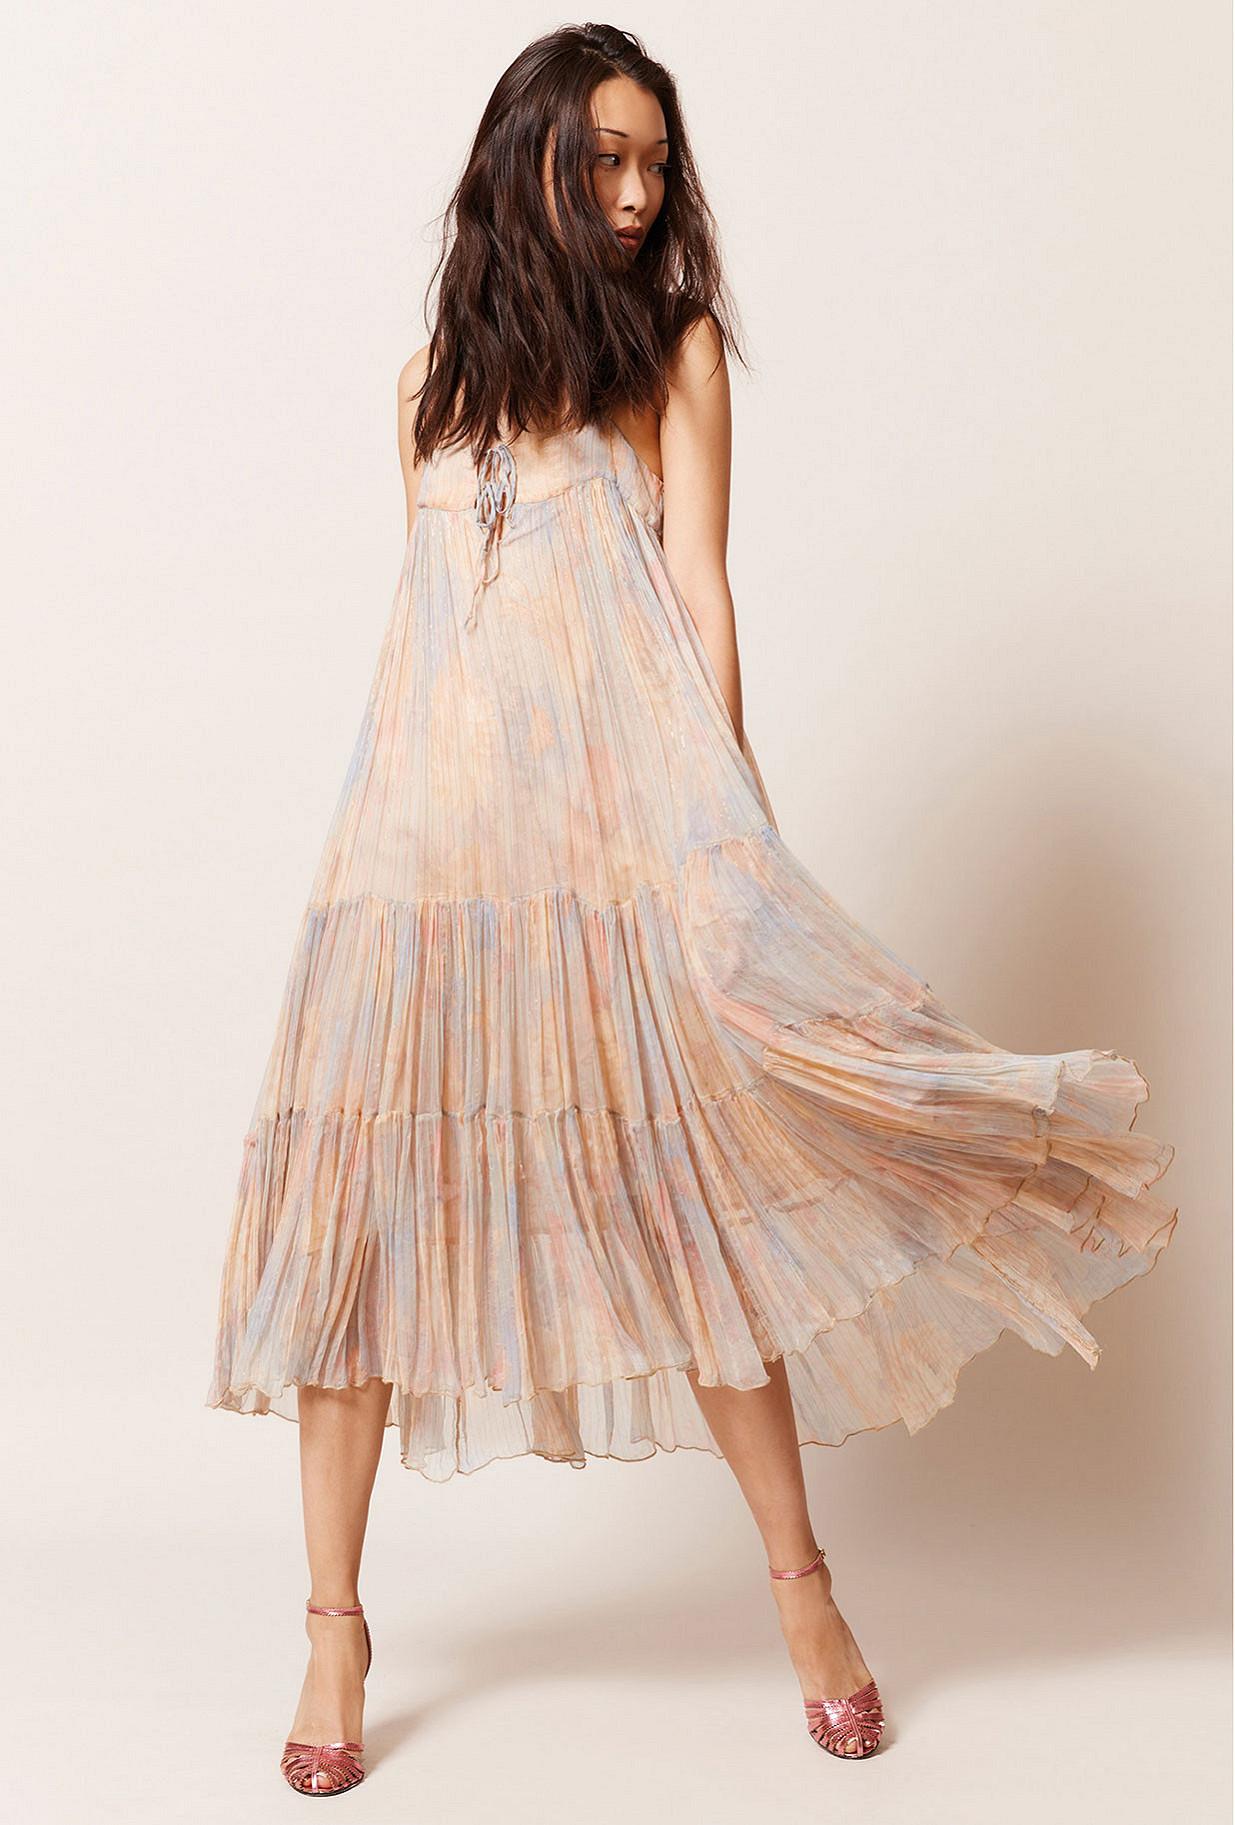 Pastel print  Dress  Pavot Mes demoiselles fashion clothes designer Paris